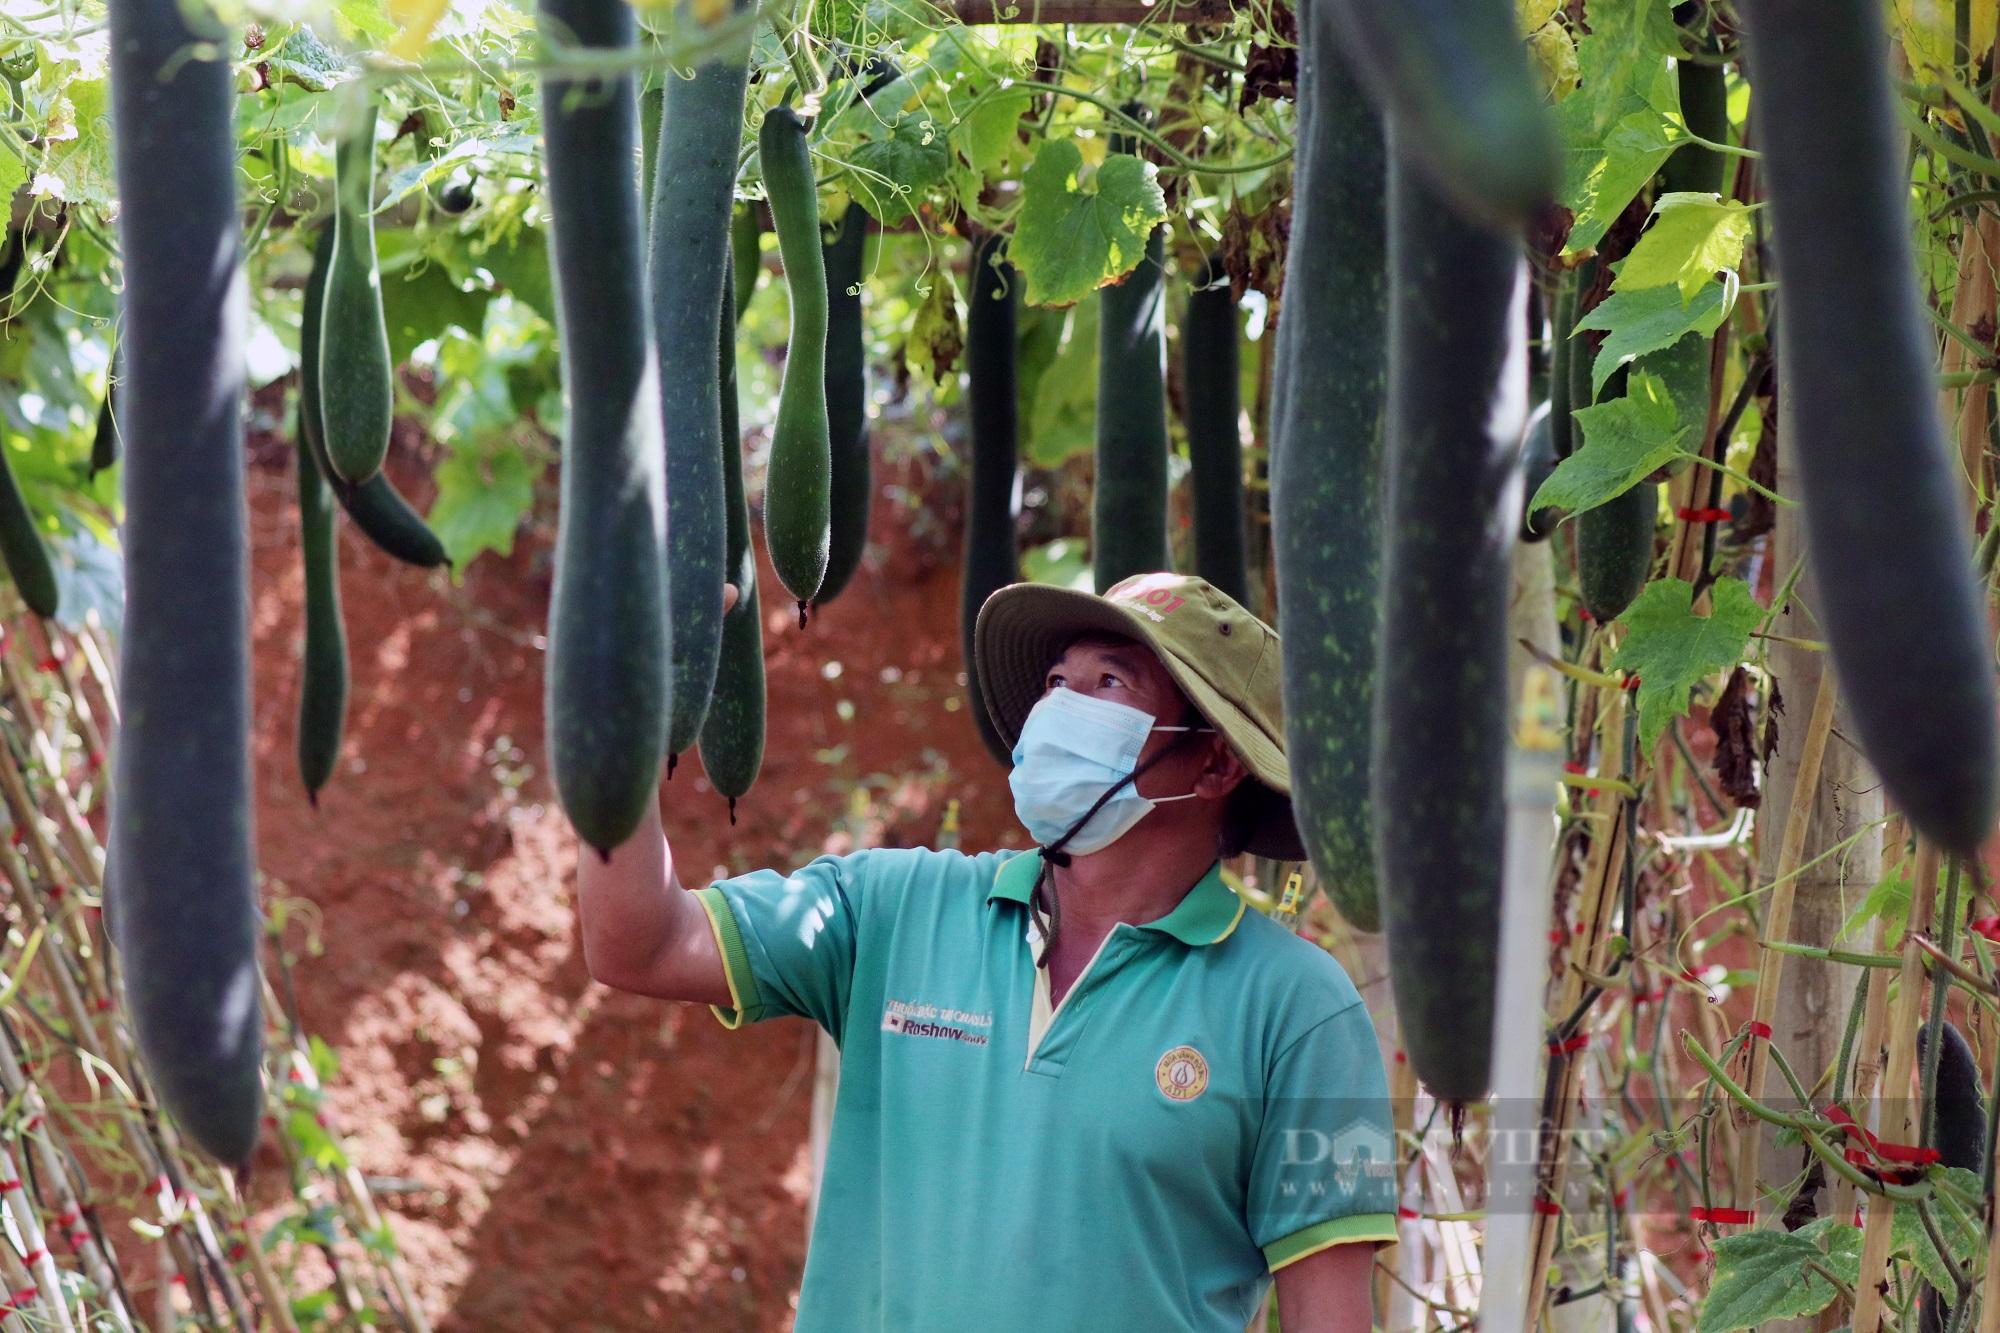 """Trồng bí xanh trái vụ, nông dân Sơn La """"bỏ túi"""" trên 100 triệu trong 3 tháng - Ảnh 1."""